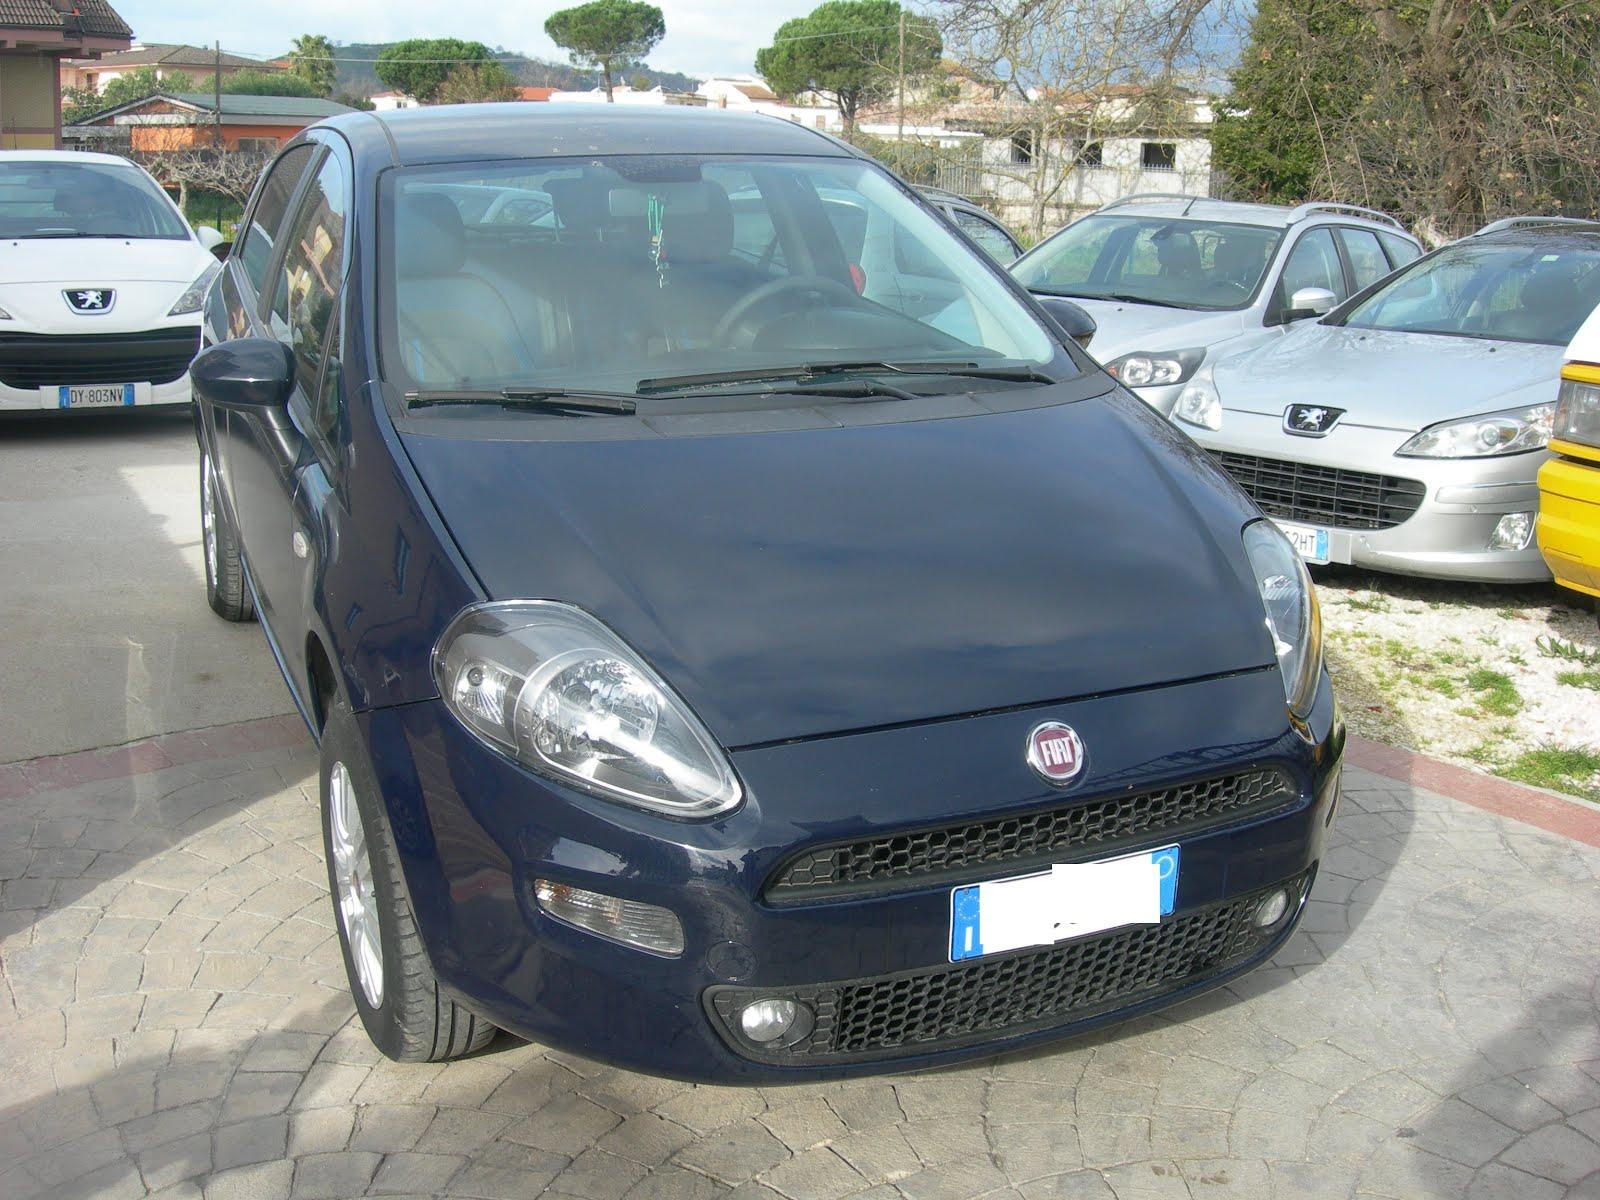 FIAT PUNTO EASY 1.4 METANO ANNO 2012 ACCESSORI FULL OPTIONAL 70.000 KM